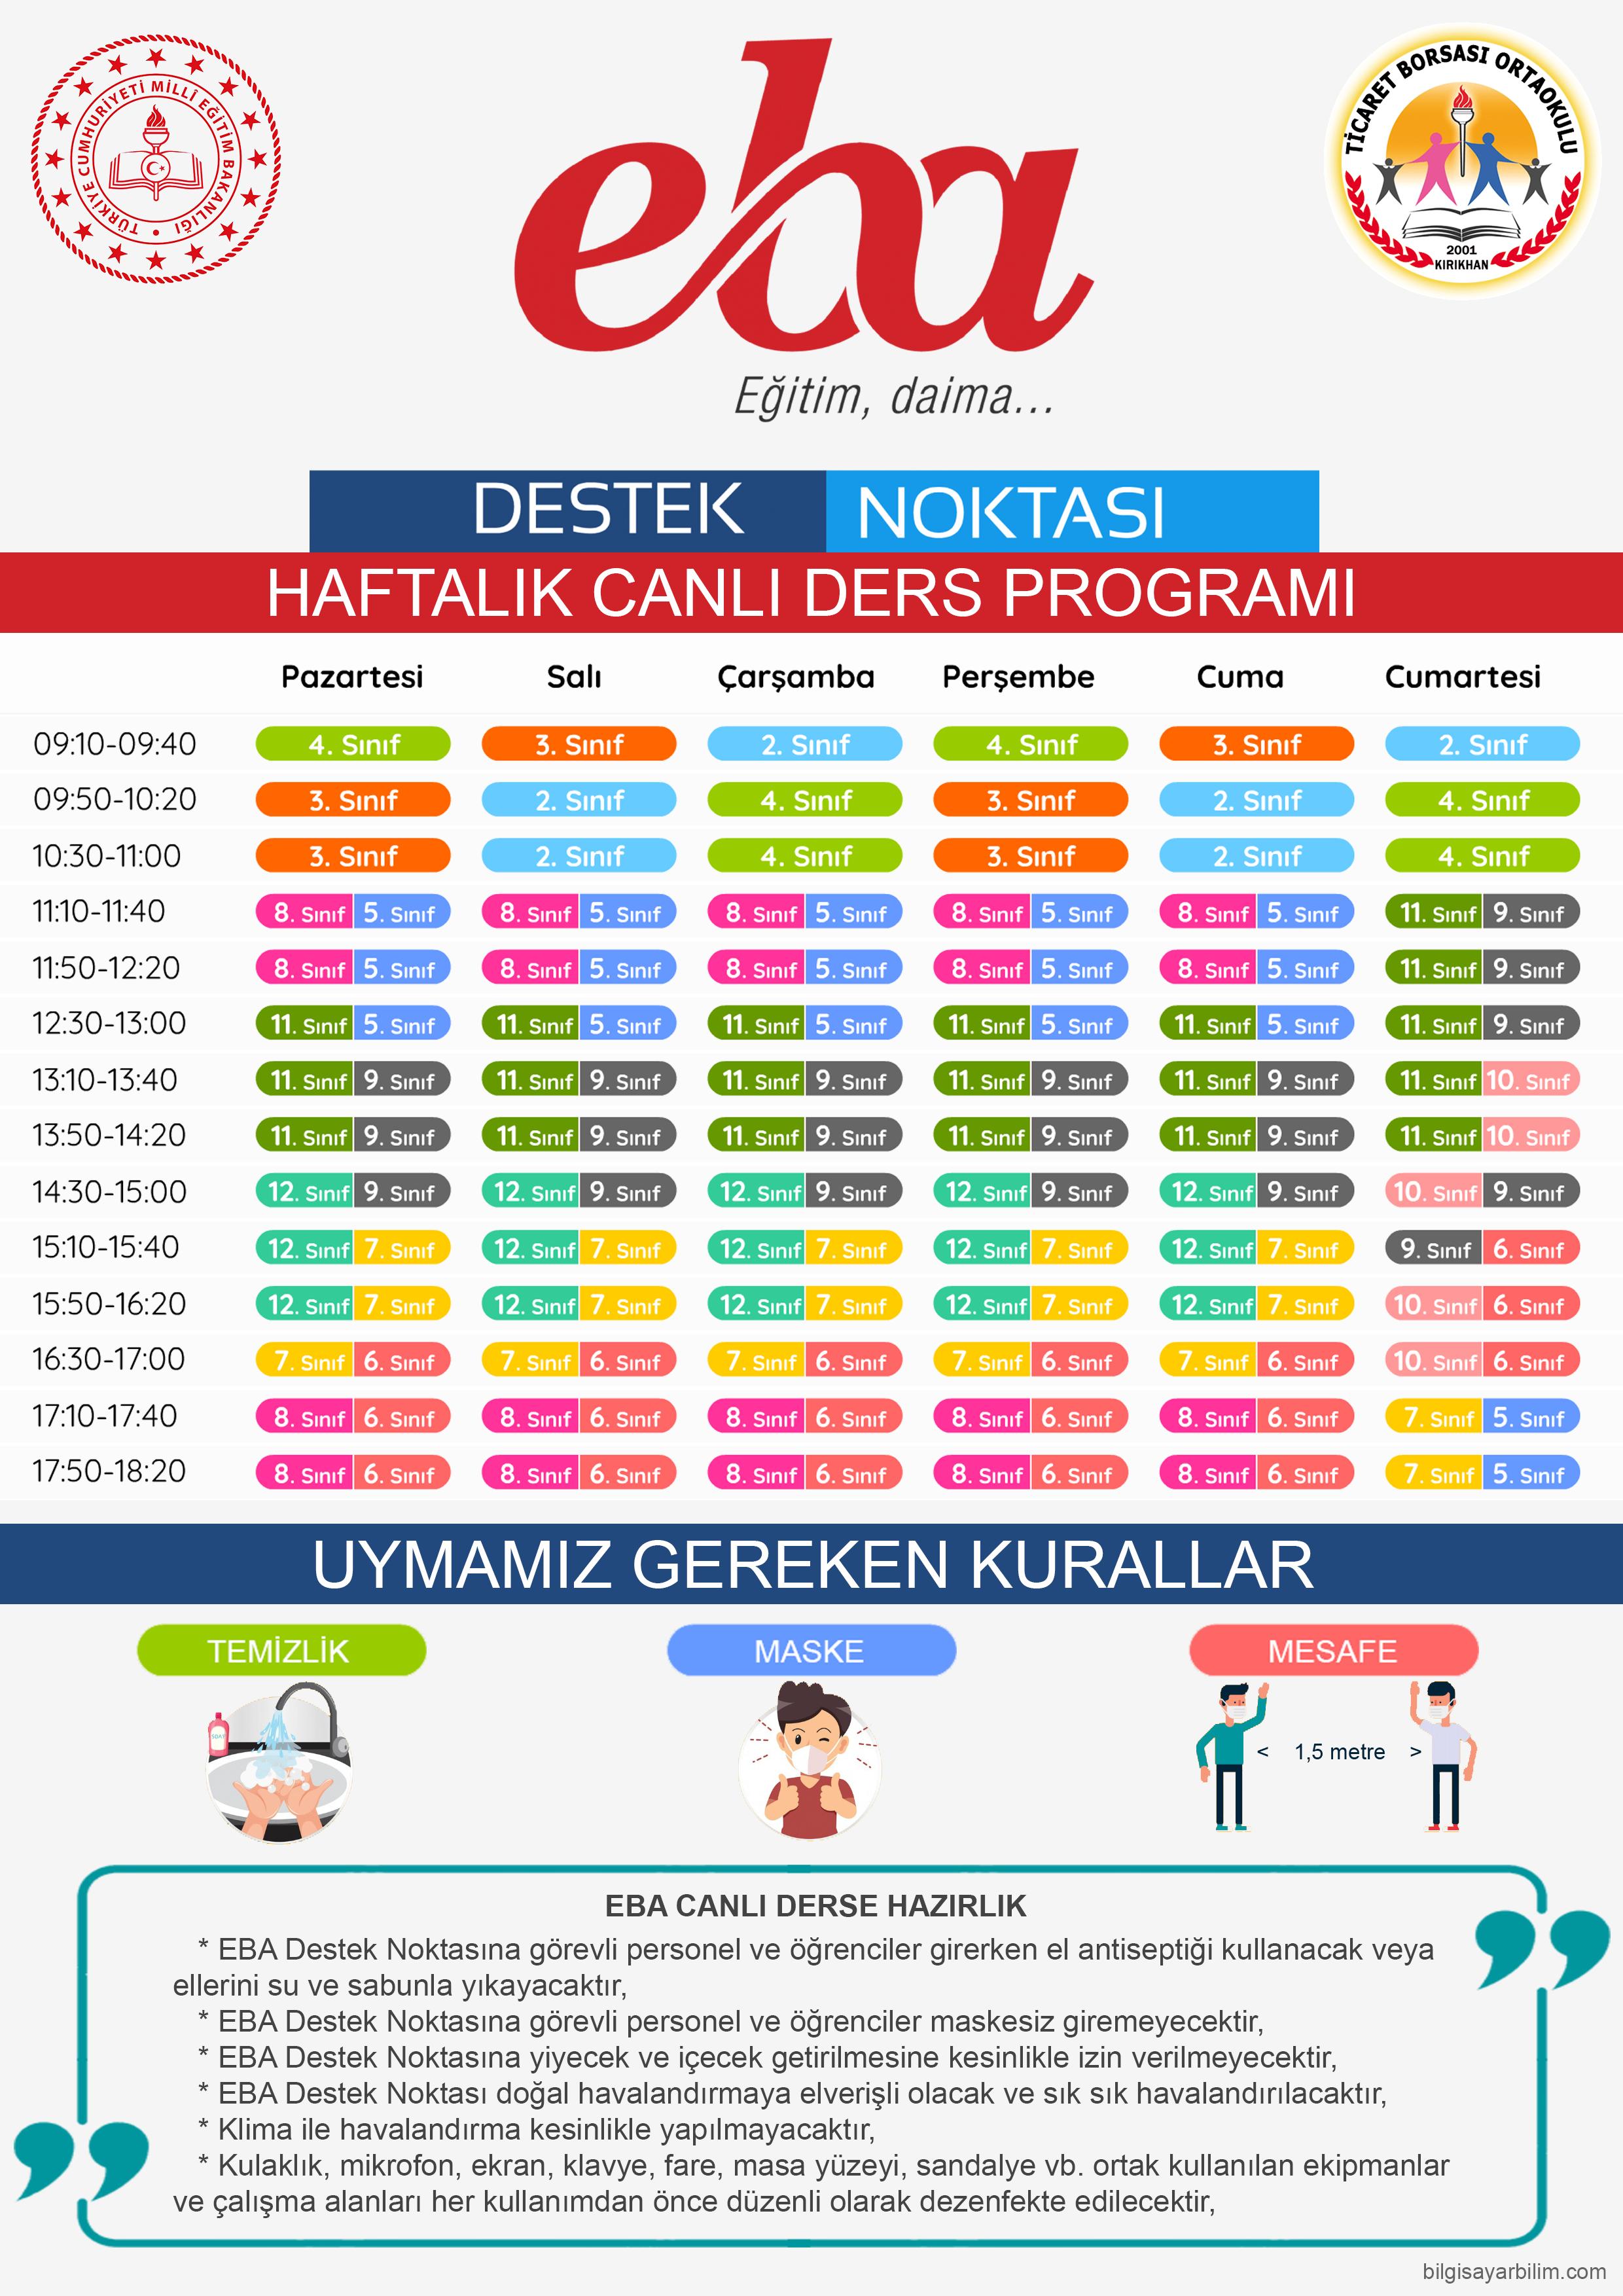 EBA Destek Noktasi Haftalik Canli Ders Programi